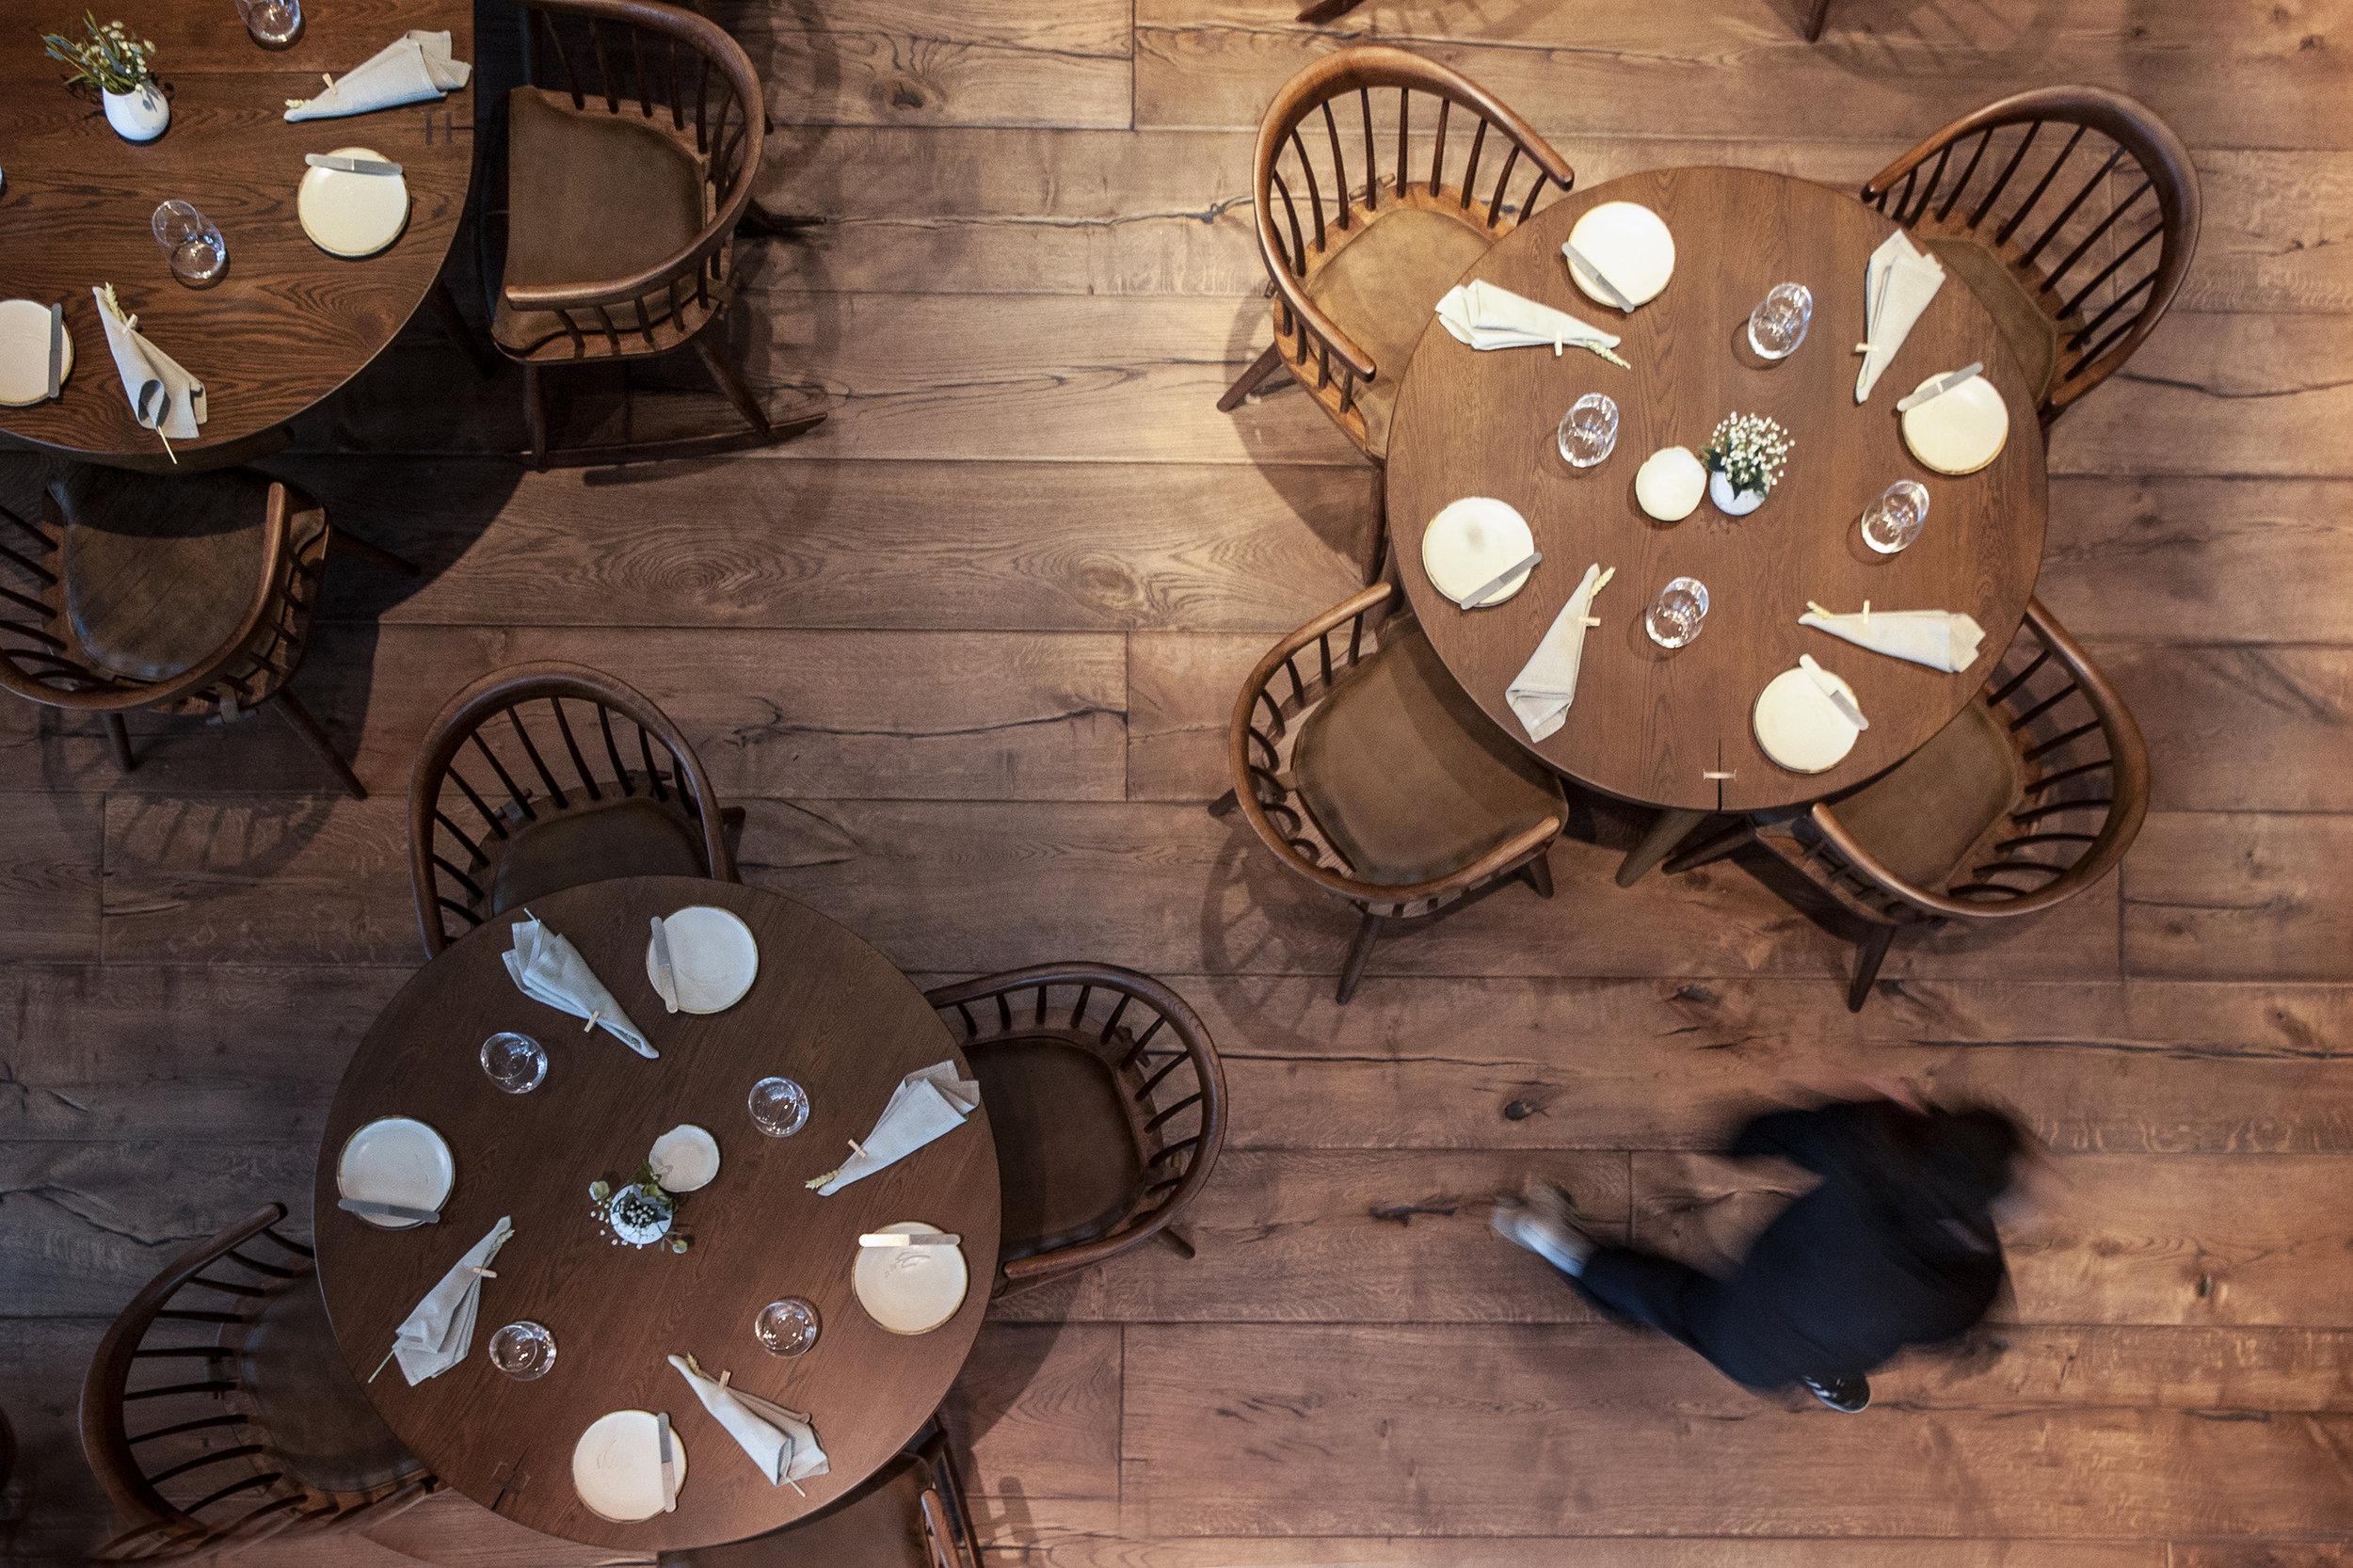 THide-Restaurant-Dabbous-Interior-Designer-Ground-Tables-TWW.jpg